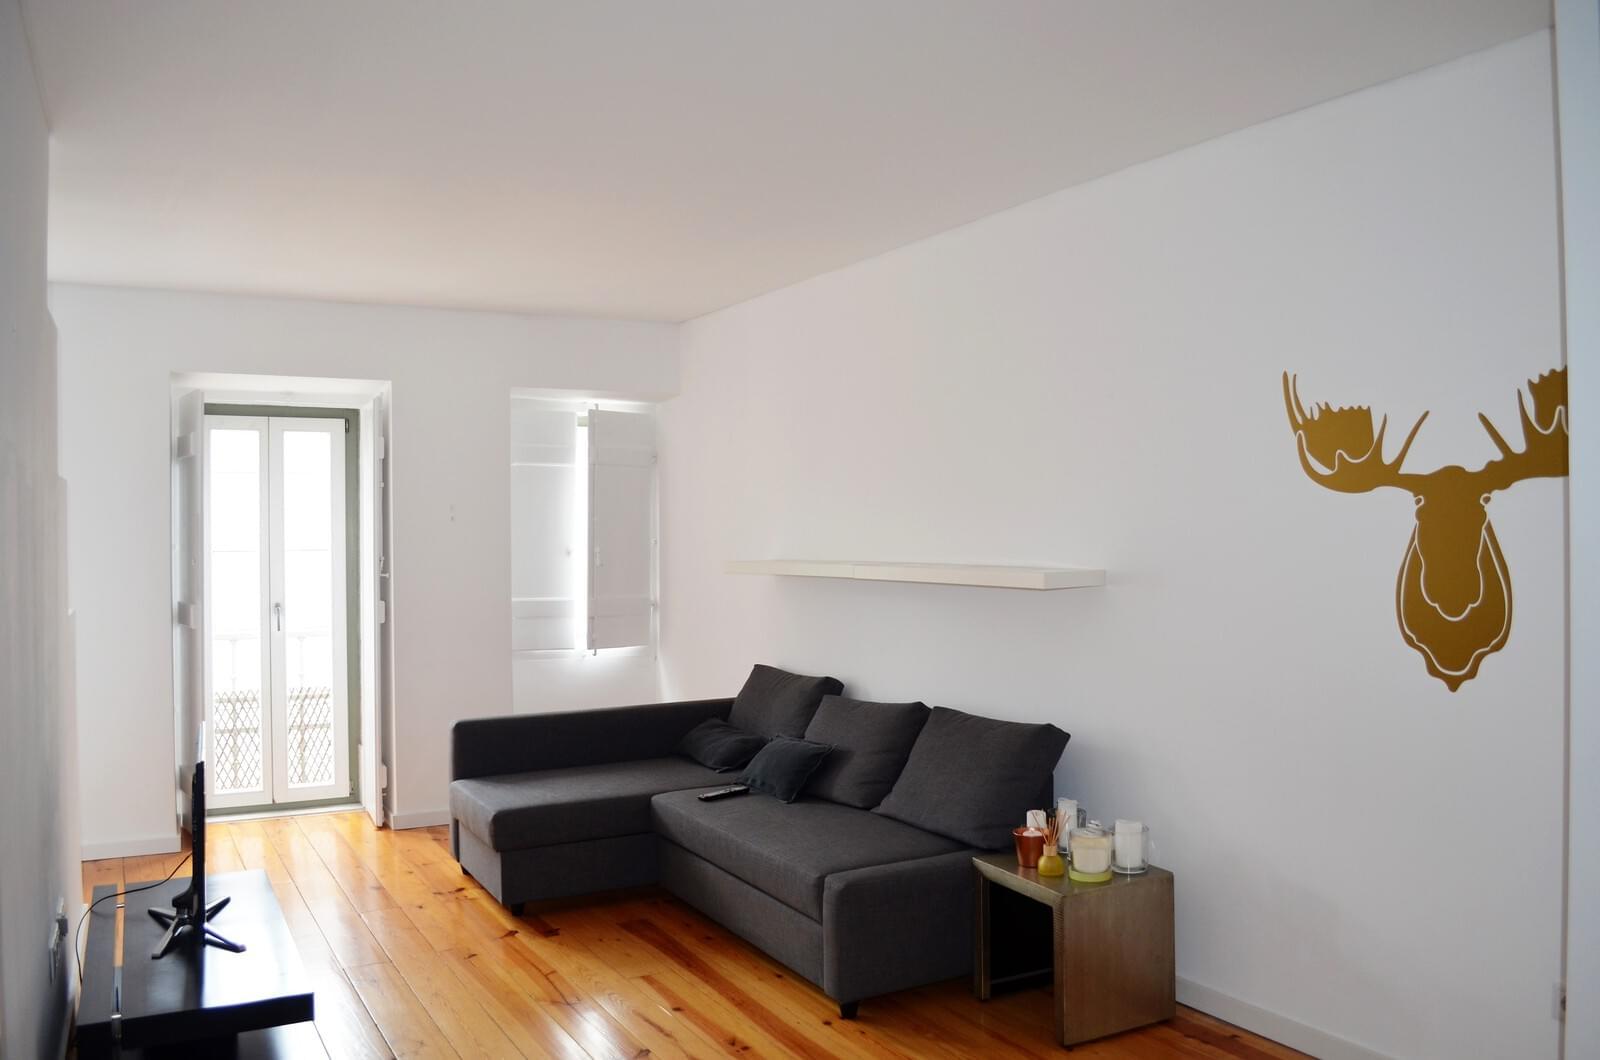 pf17785-apartamento-t1-lisboa-a894fdfa-465a-4ae2-b35f-ebc1f61c7f40